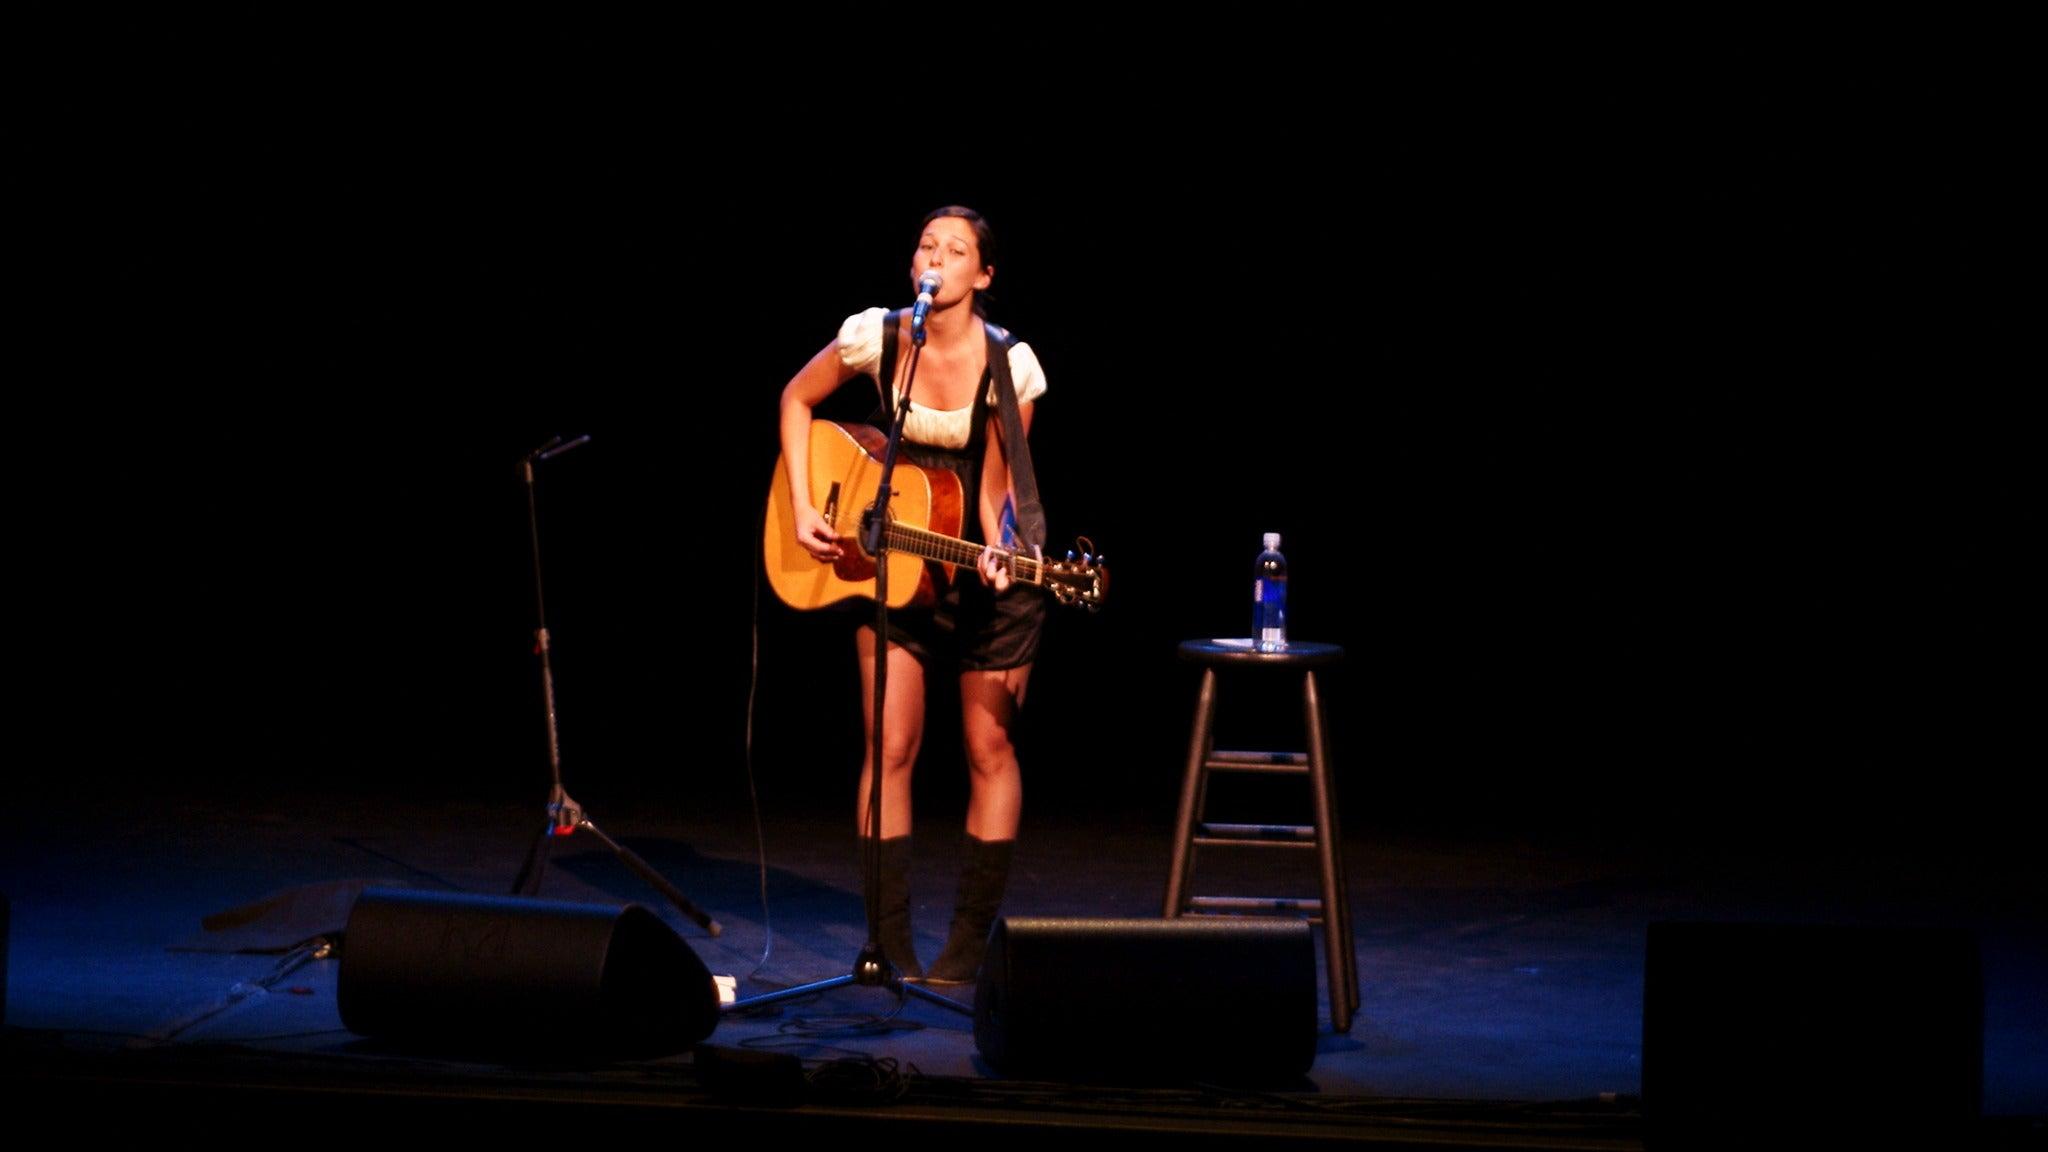 Meiko at Brick & Mortar Music Hall - San Francisco, CA 94103